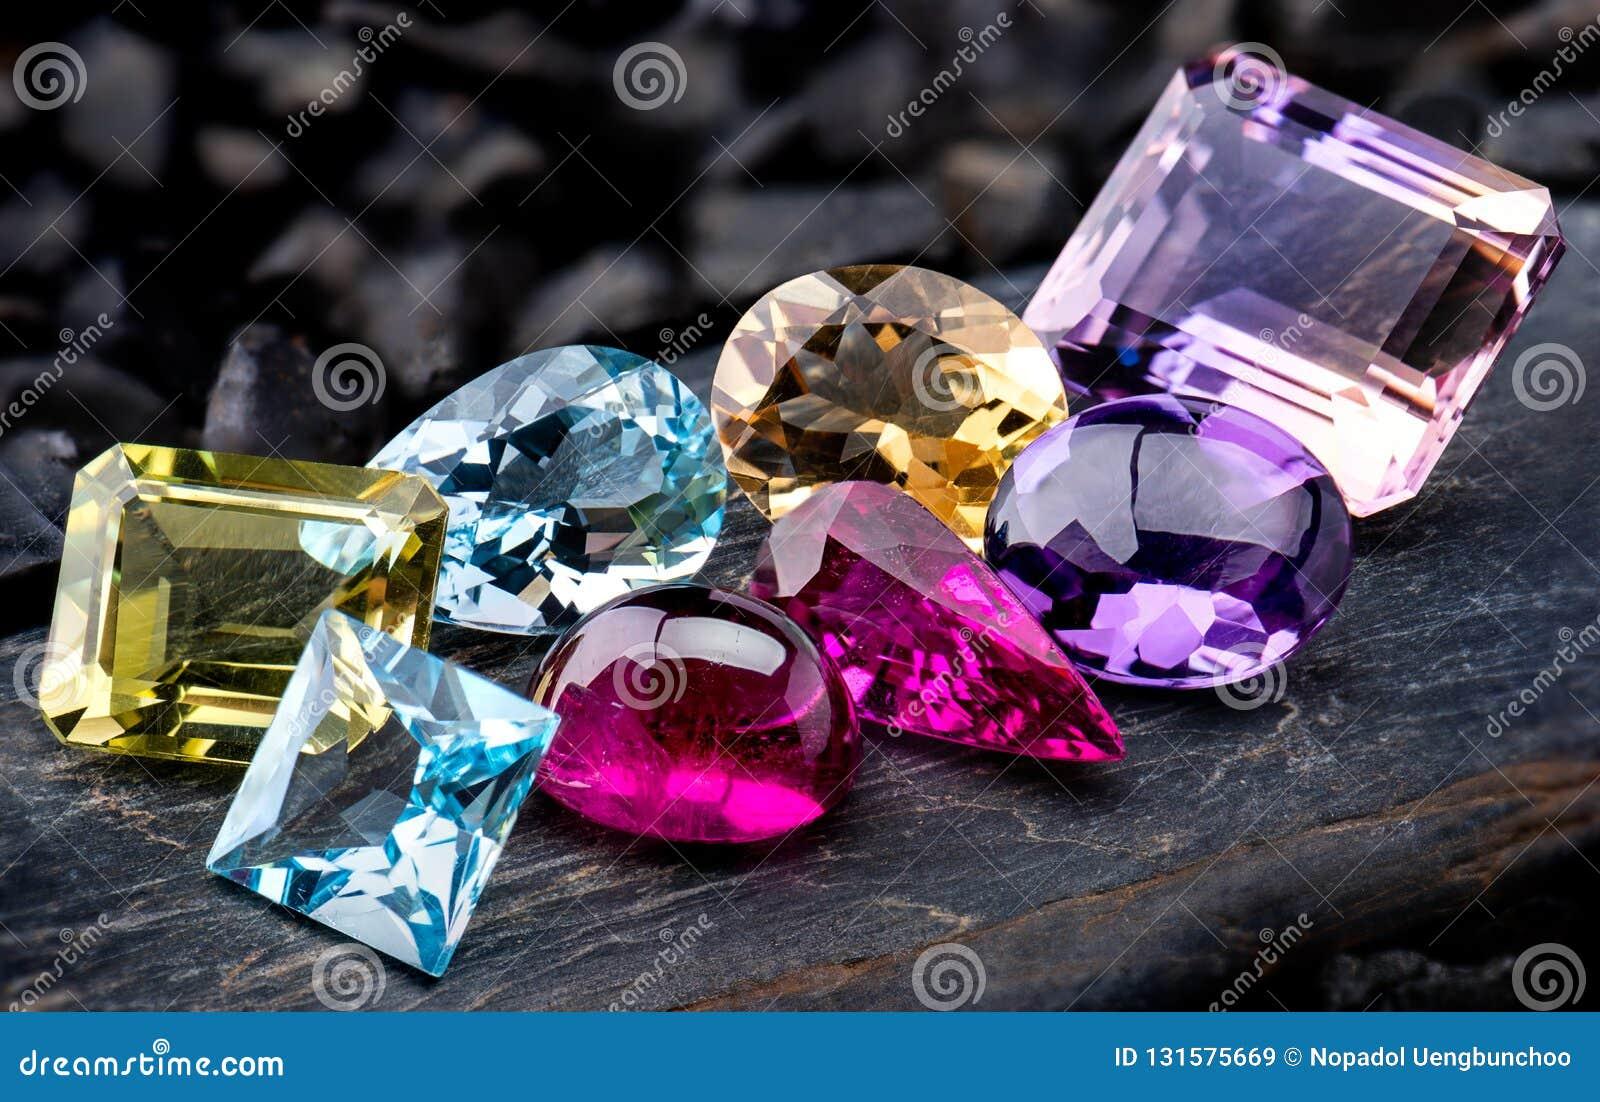 Foto dellinsieme dei gioielli della raccolta delle pietre preziose